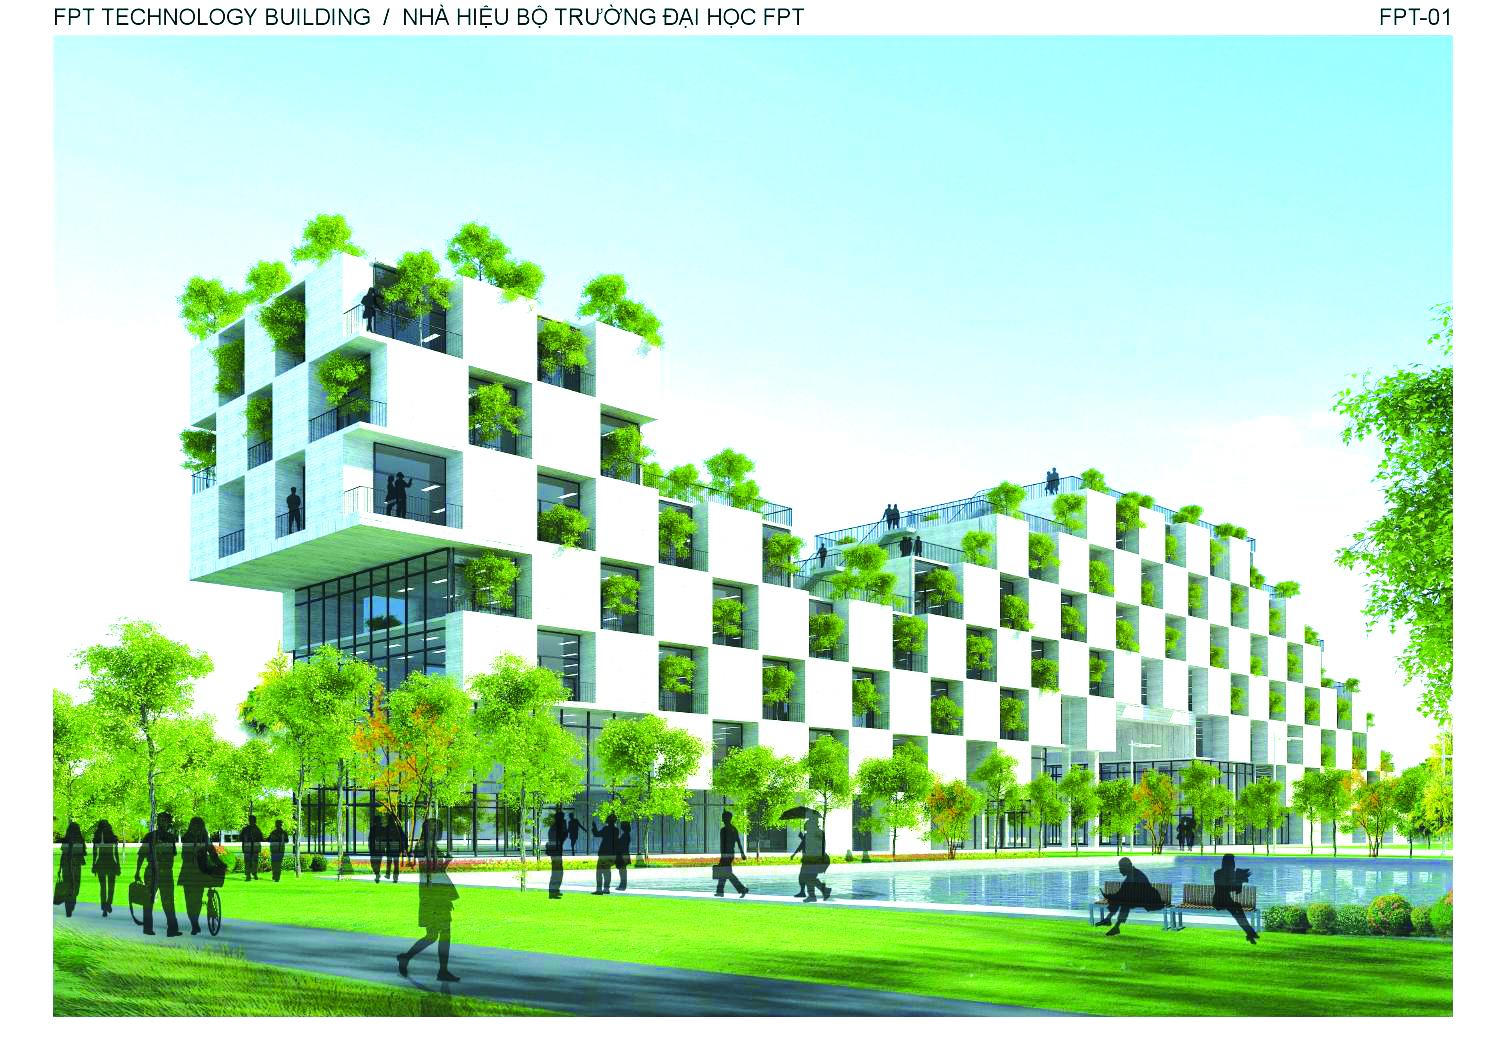 Mô hình mô phỏng thiết kế công trình tòa nhà đại học FPT  (Hòa Lạc)